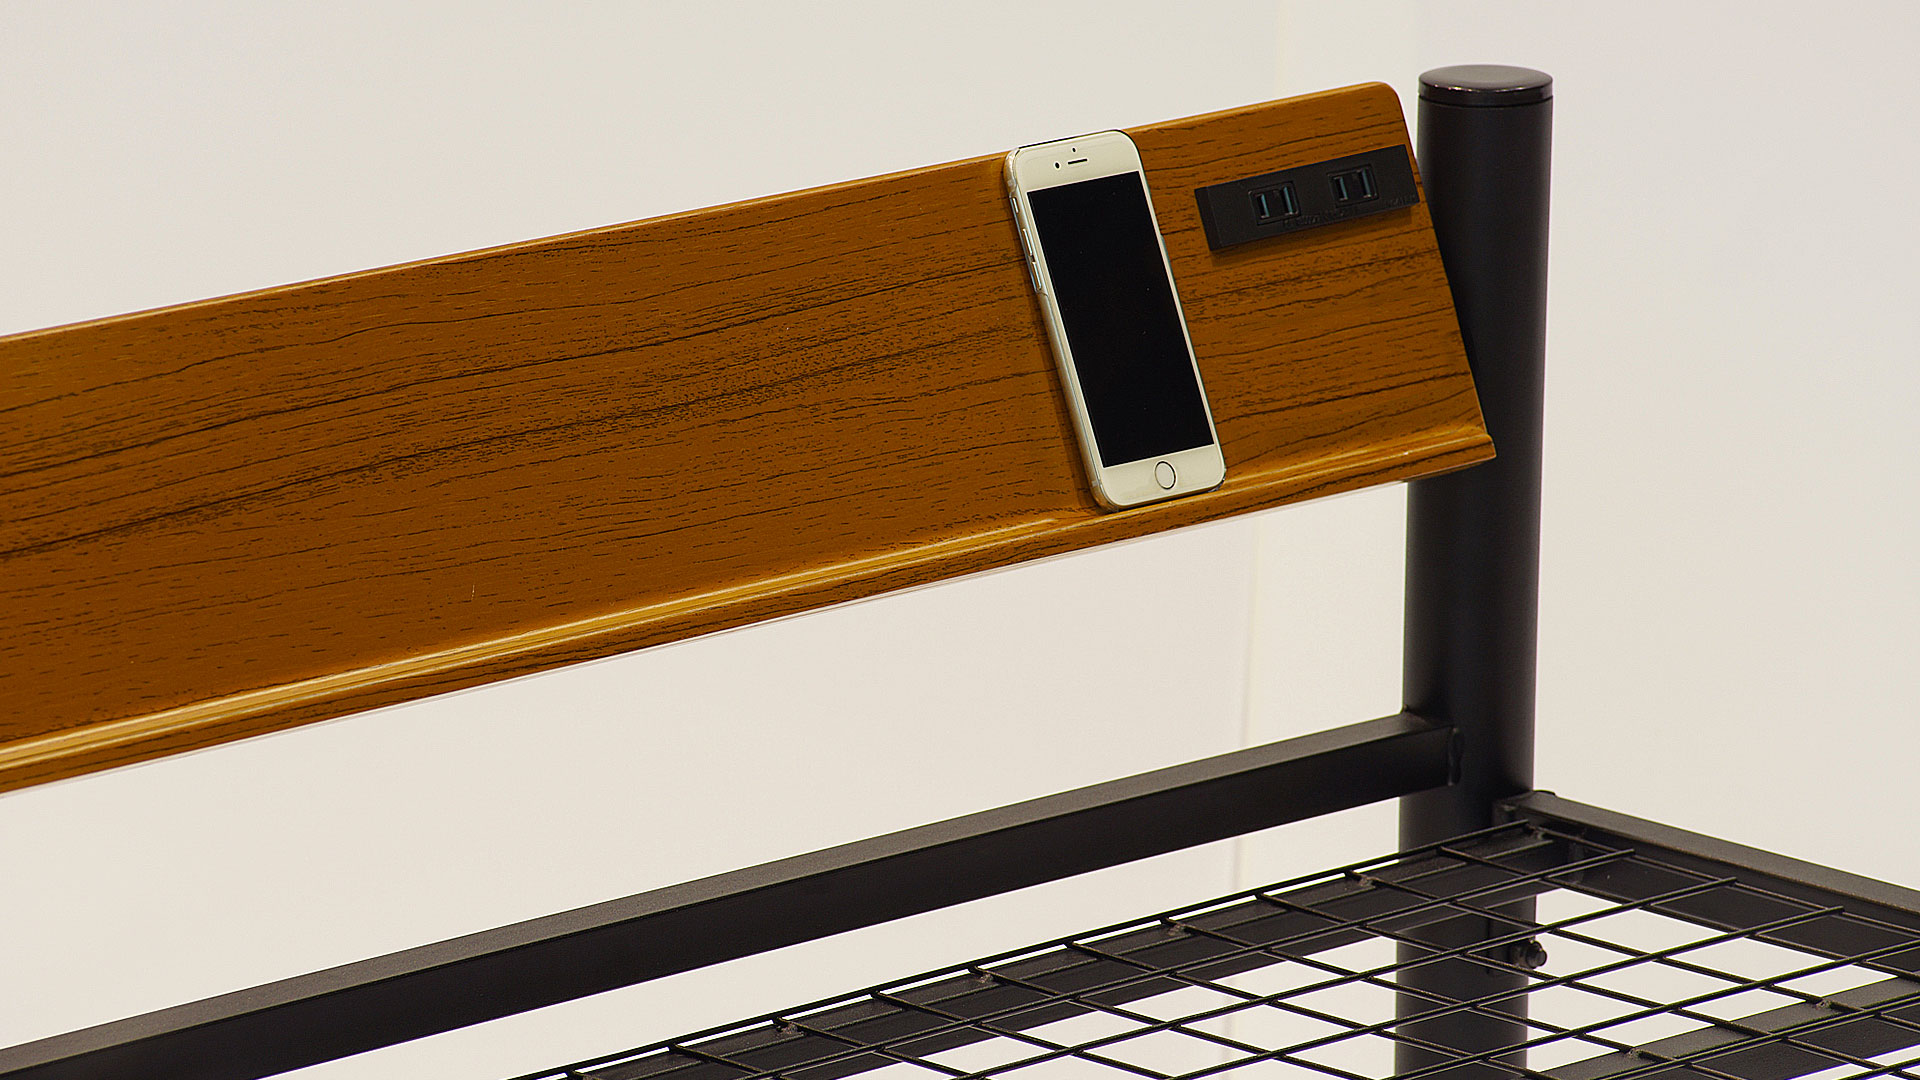 リビンズのパイプベッド「シェルタ」のヘッドボードの画像